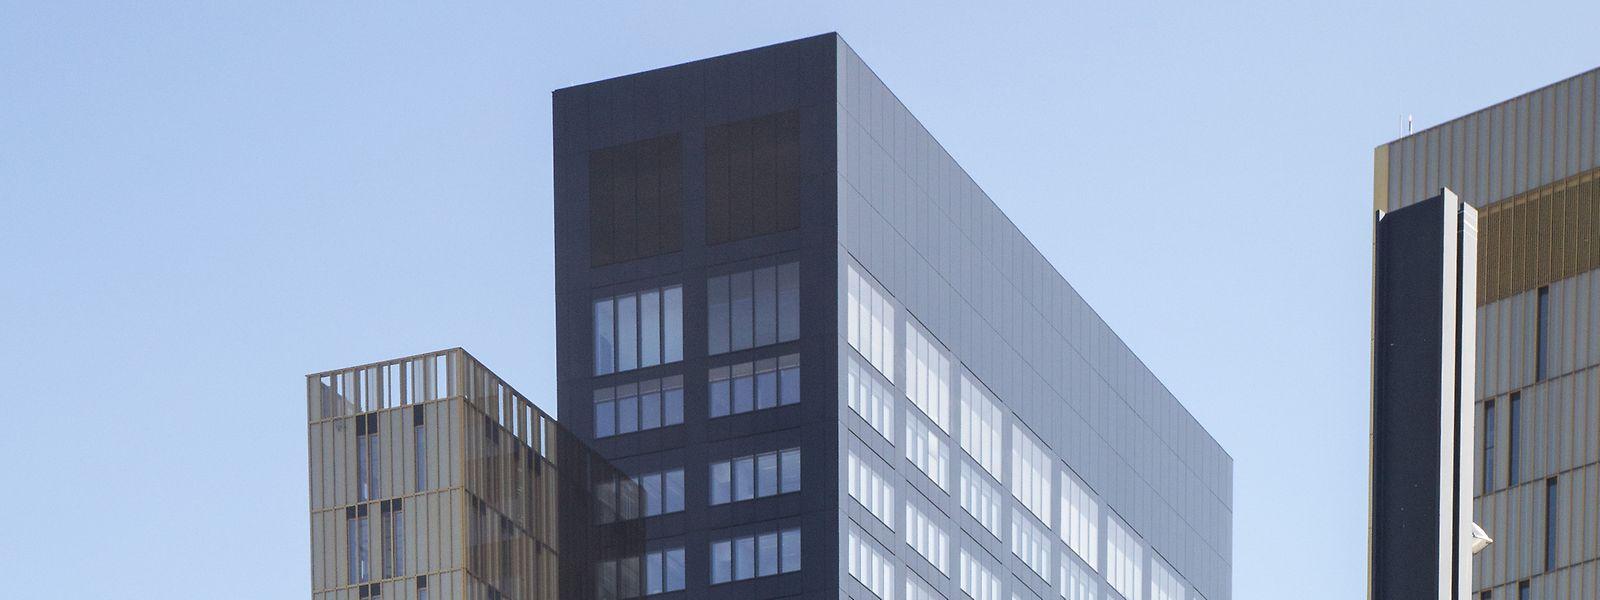 31 étages composent le dernier-né des bâtiments de la Cour de justice de l'UE.